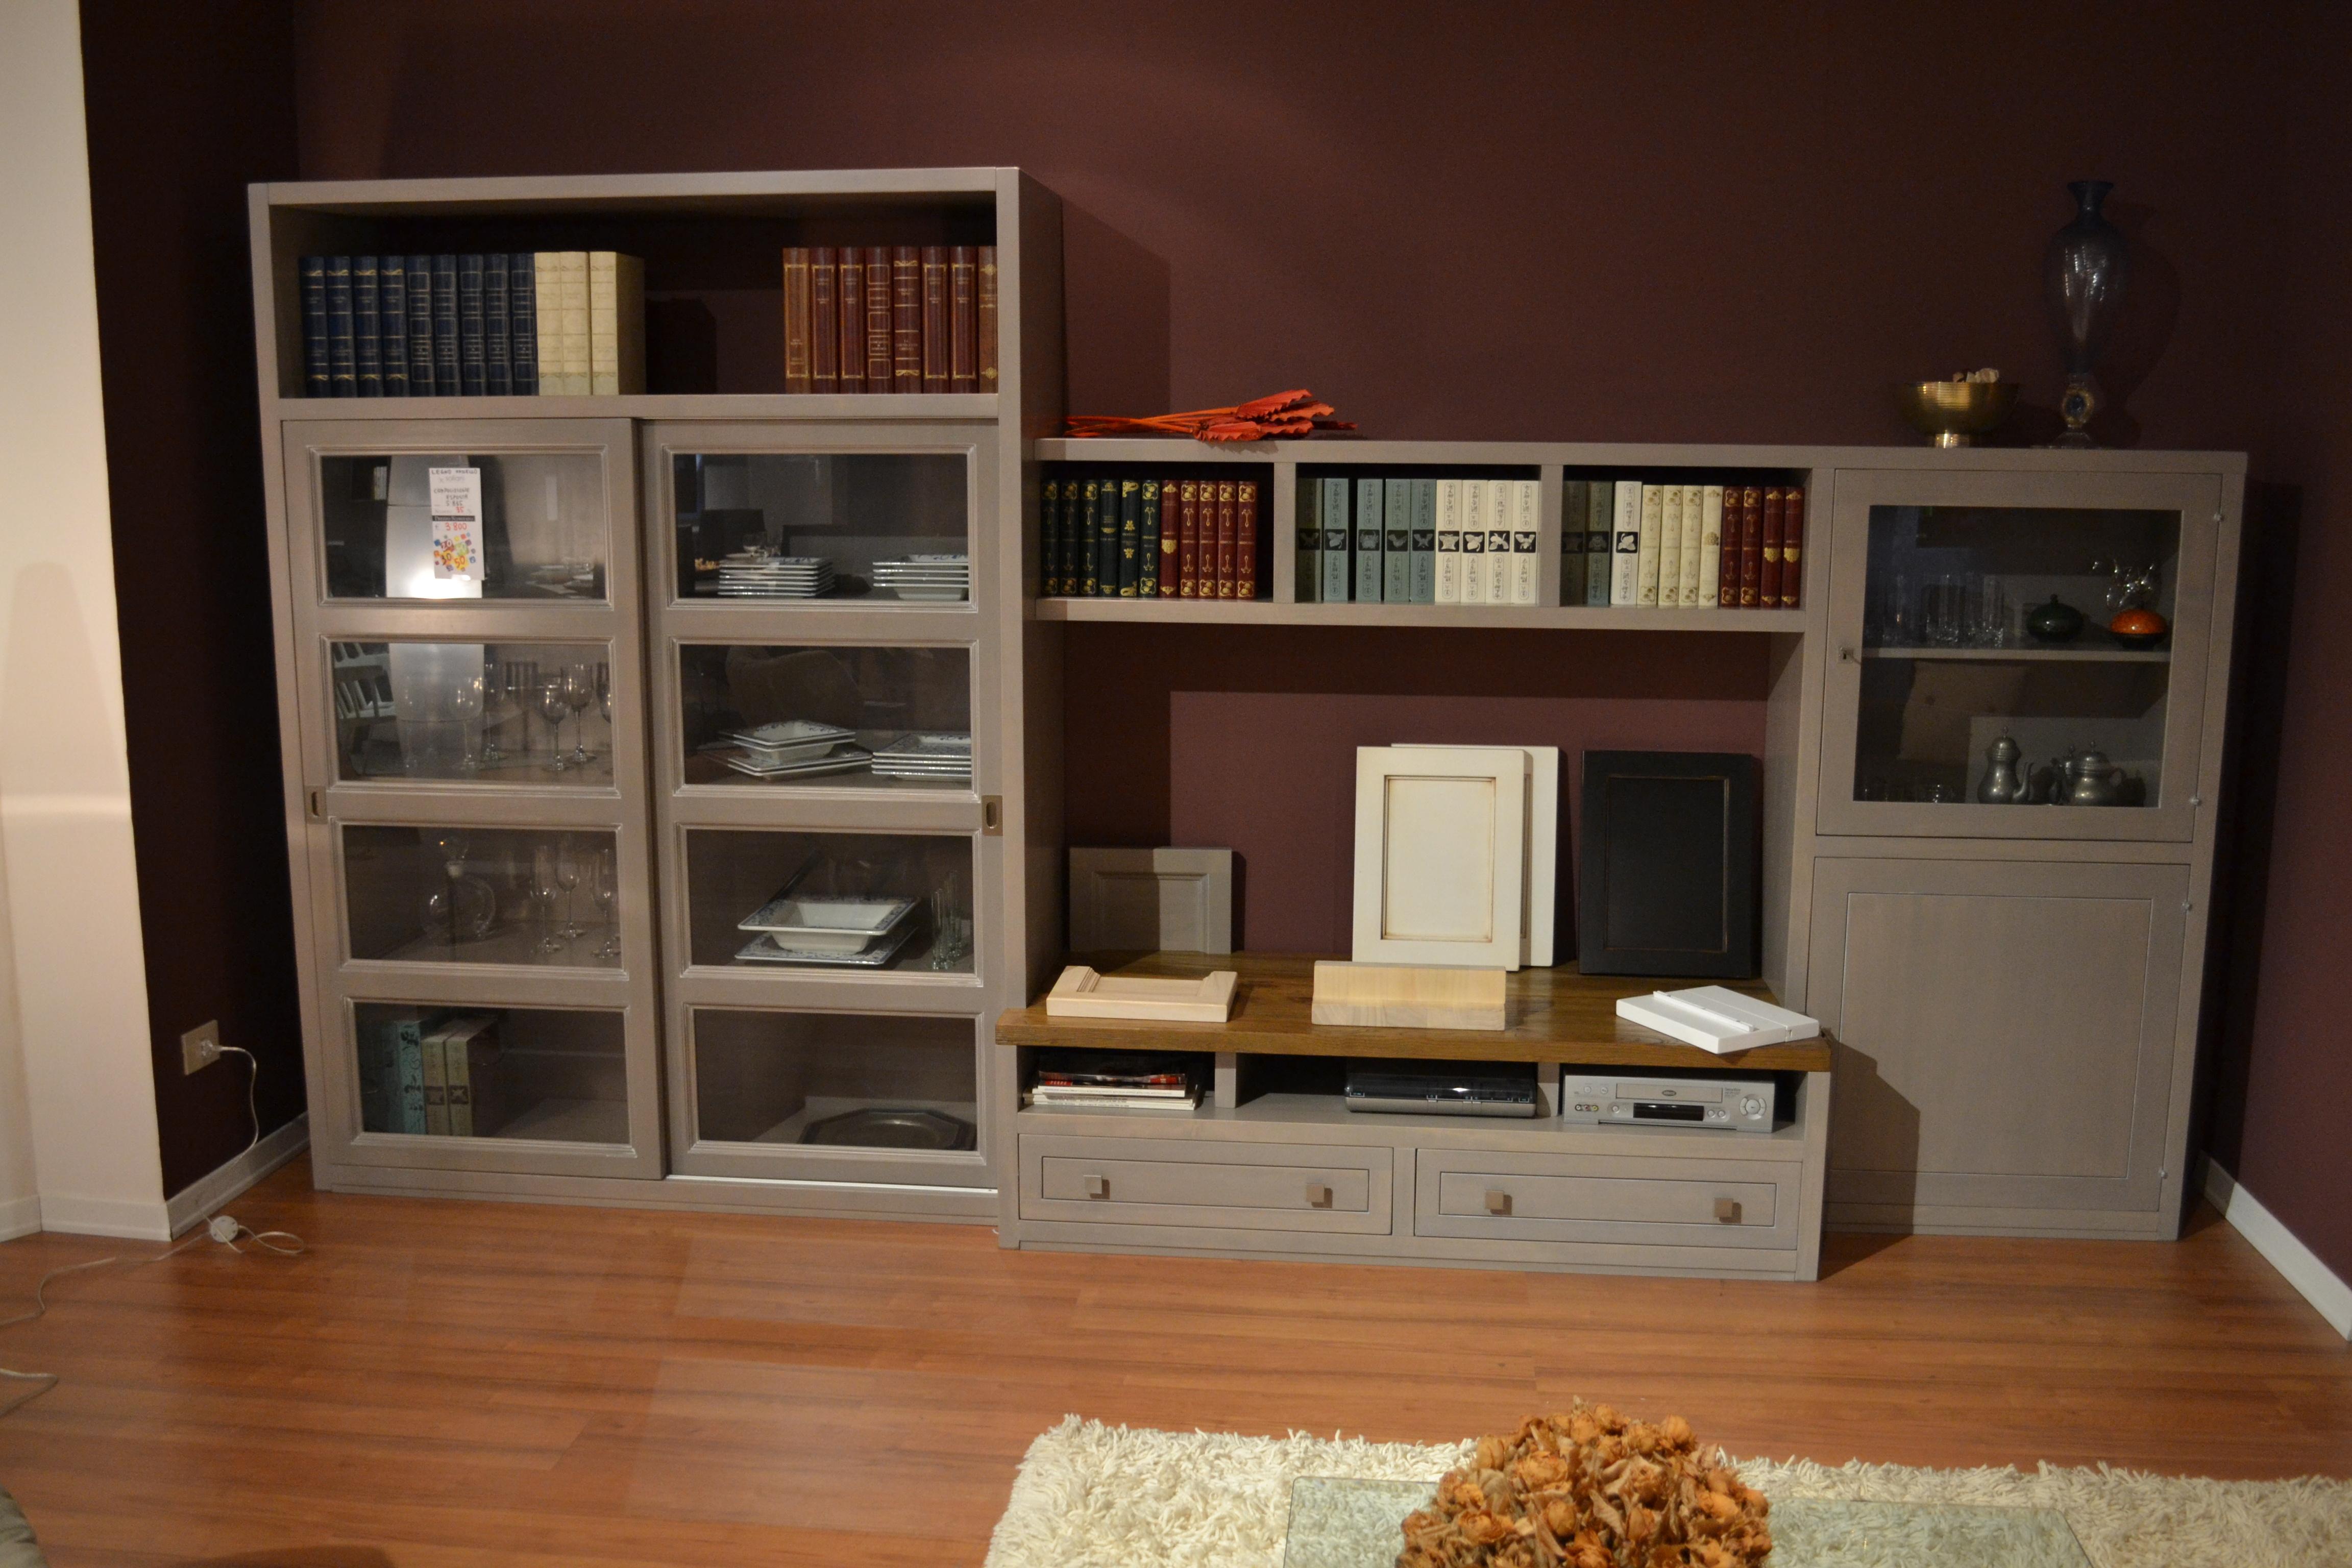 Awesome mobili tinello soggiorno gallery idee - Idee mobili soggiorno ...